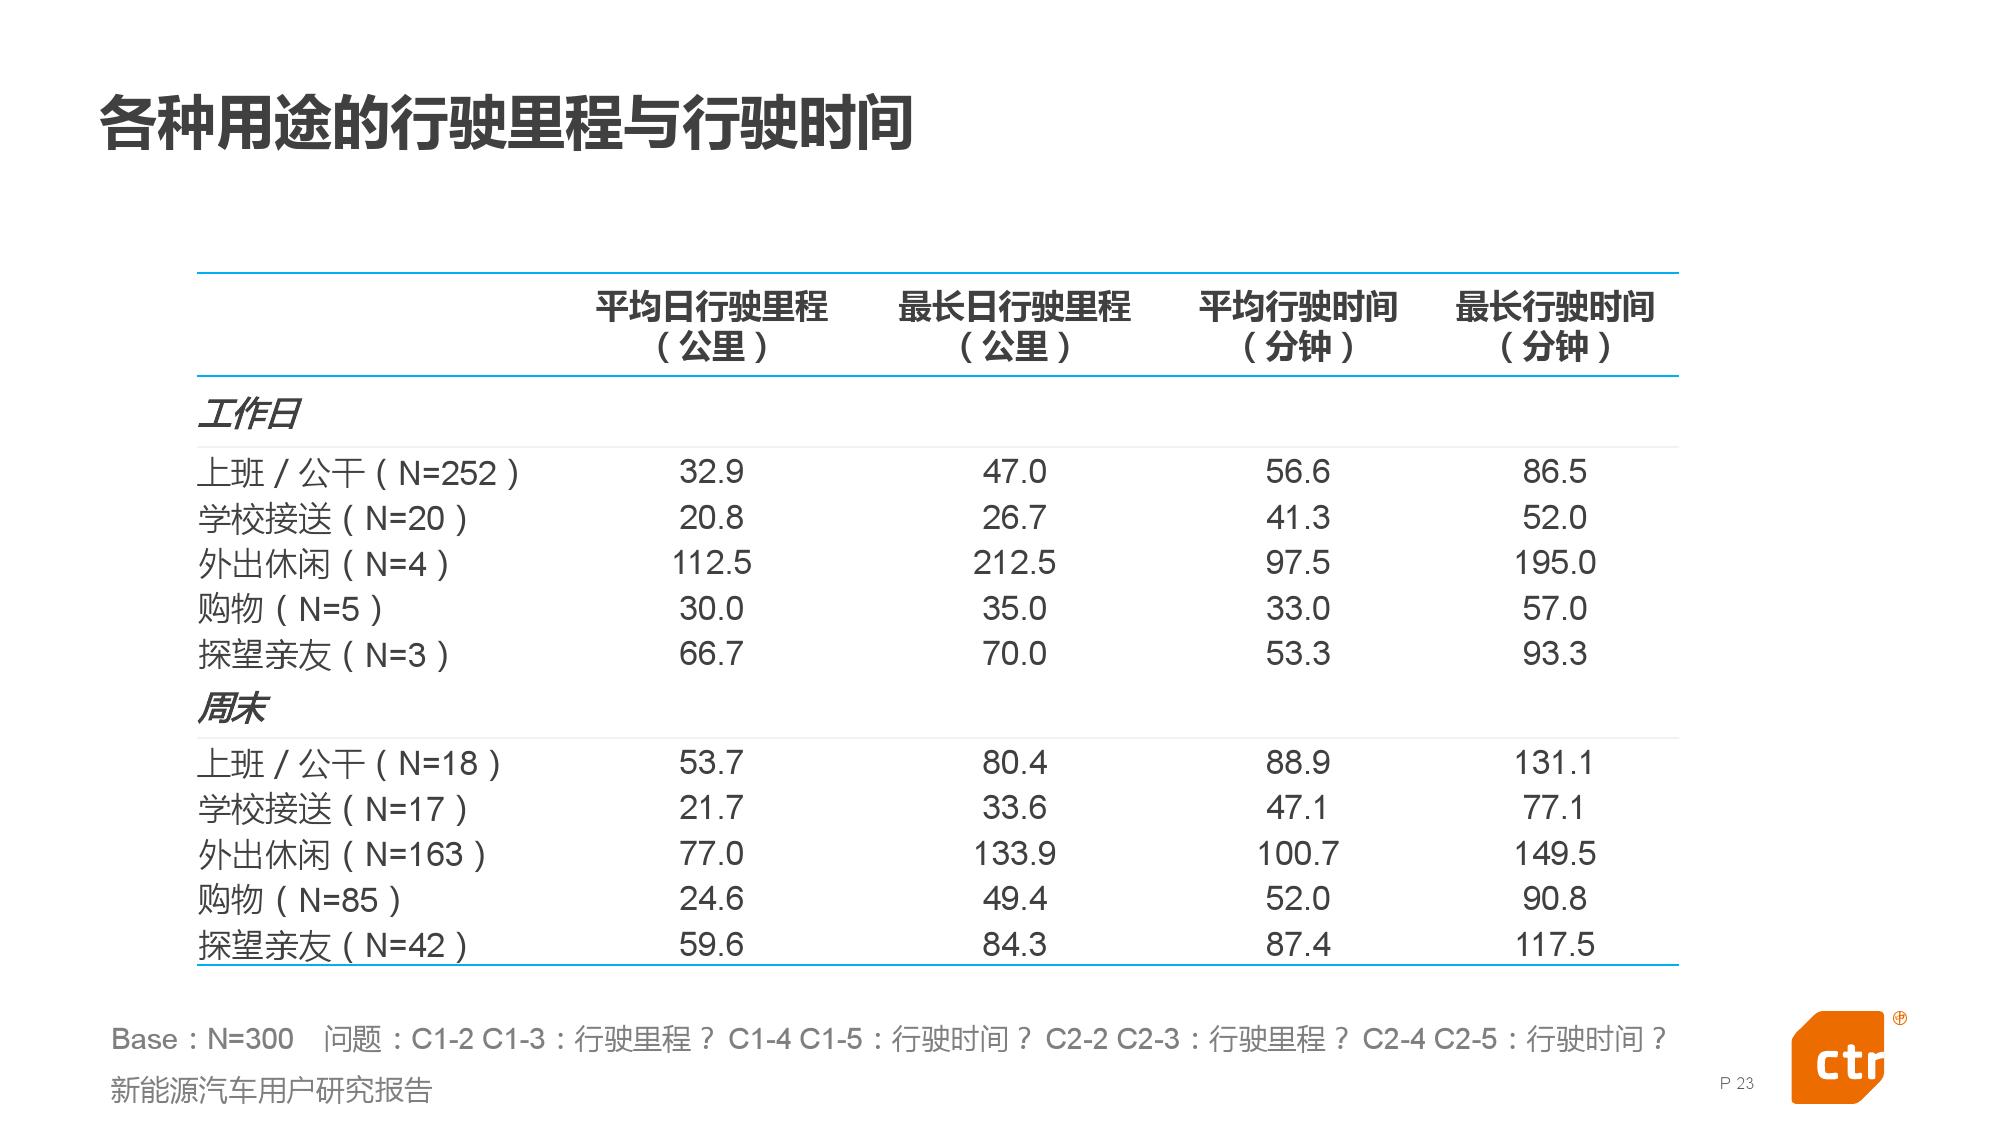 新能源汽车用户研究报告_000023